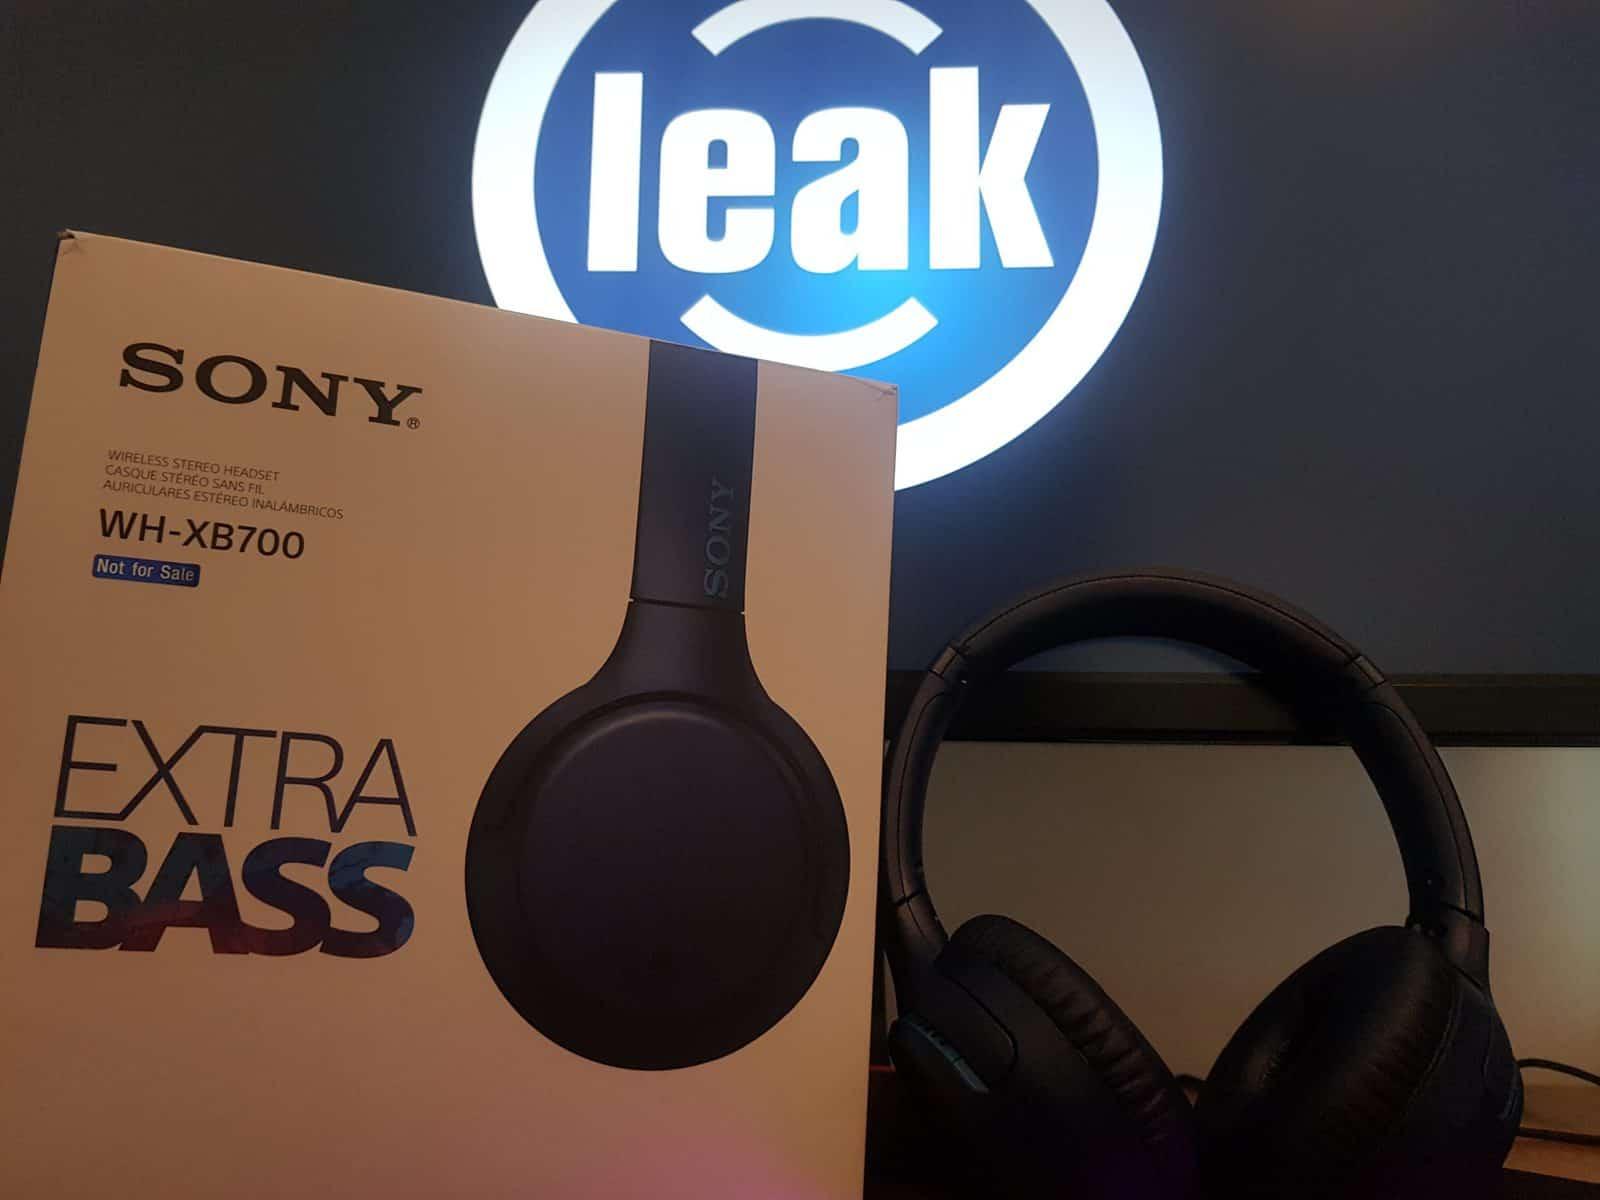 Sony WB-XB700